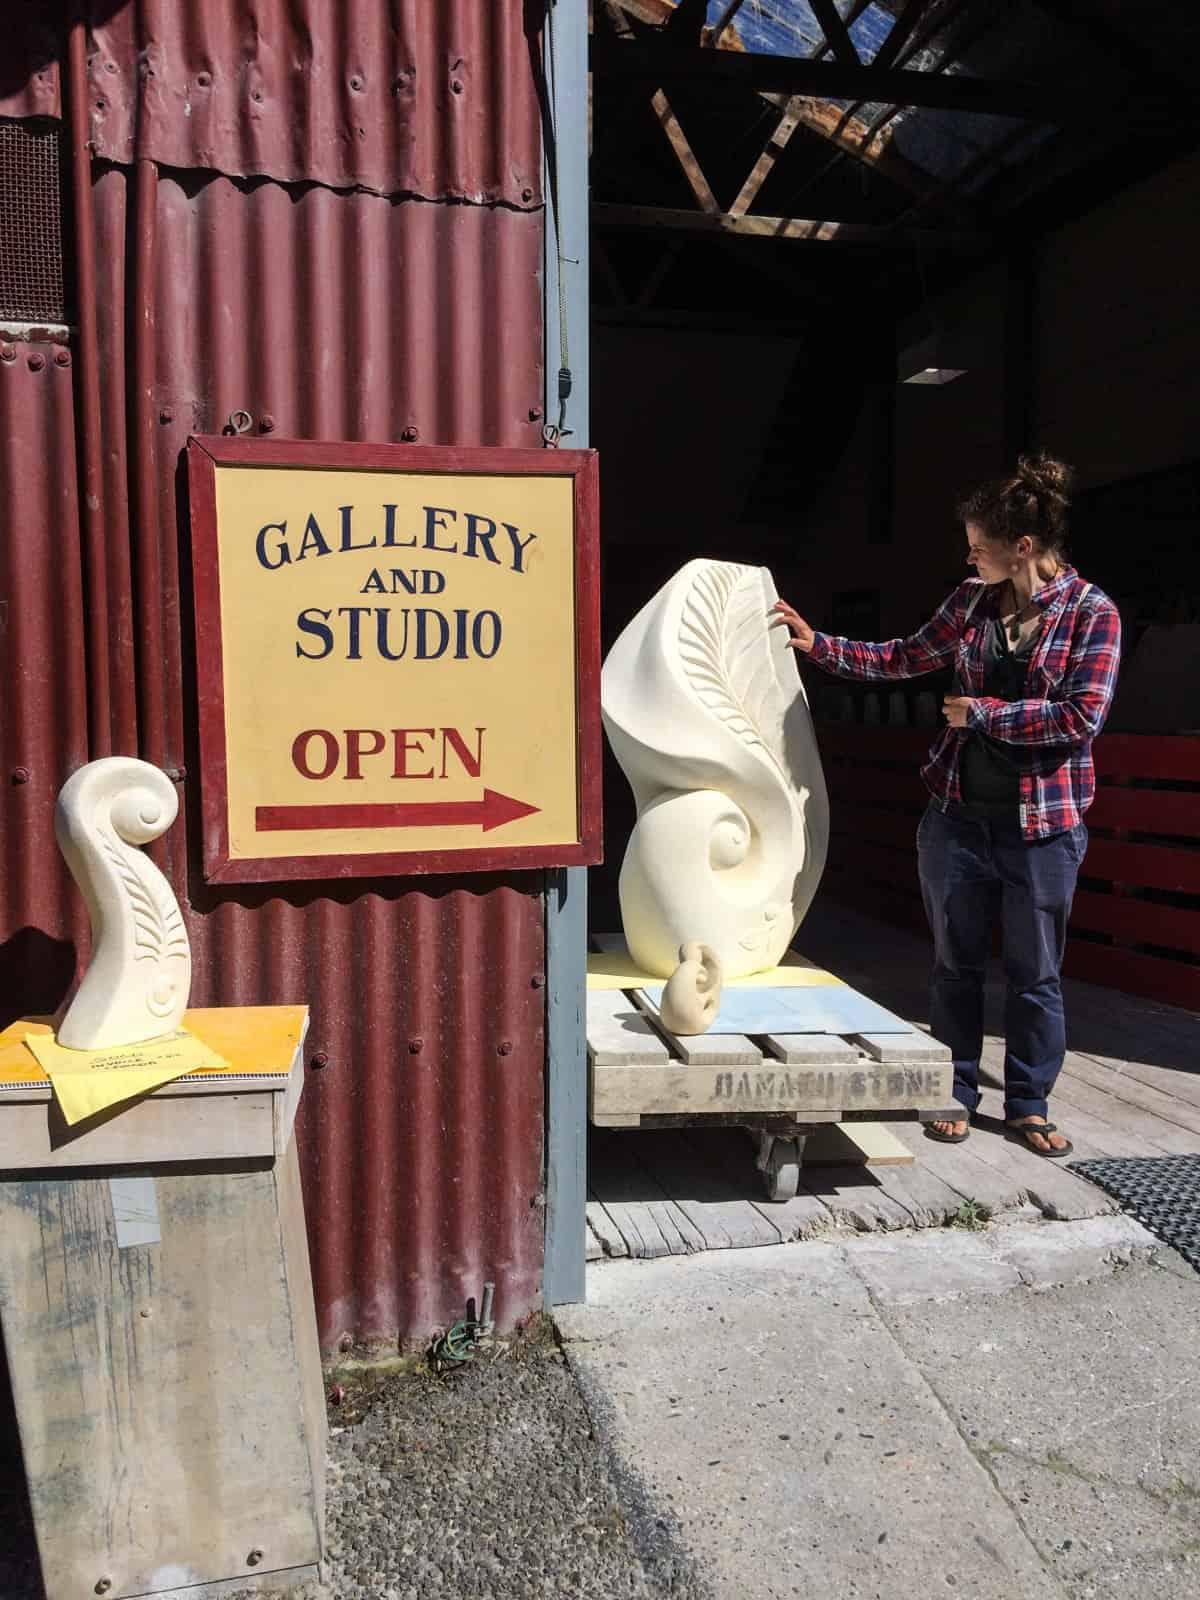 Susan verliebte sich in die Limestone-Arbeiten von Ian Anderson